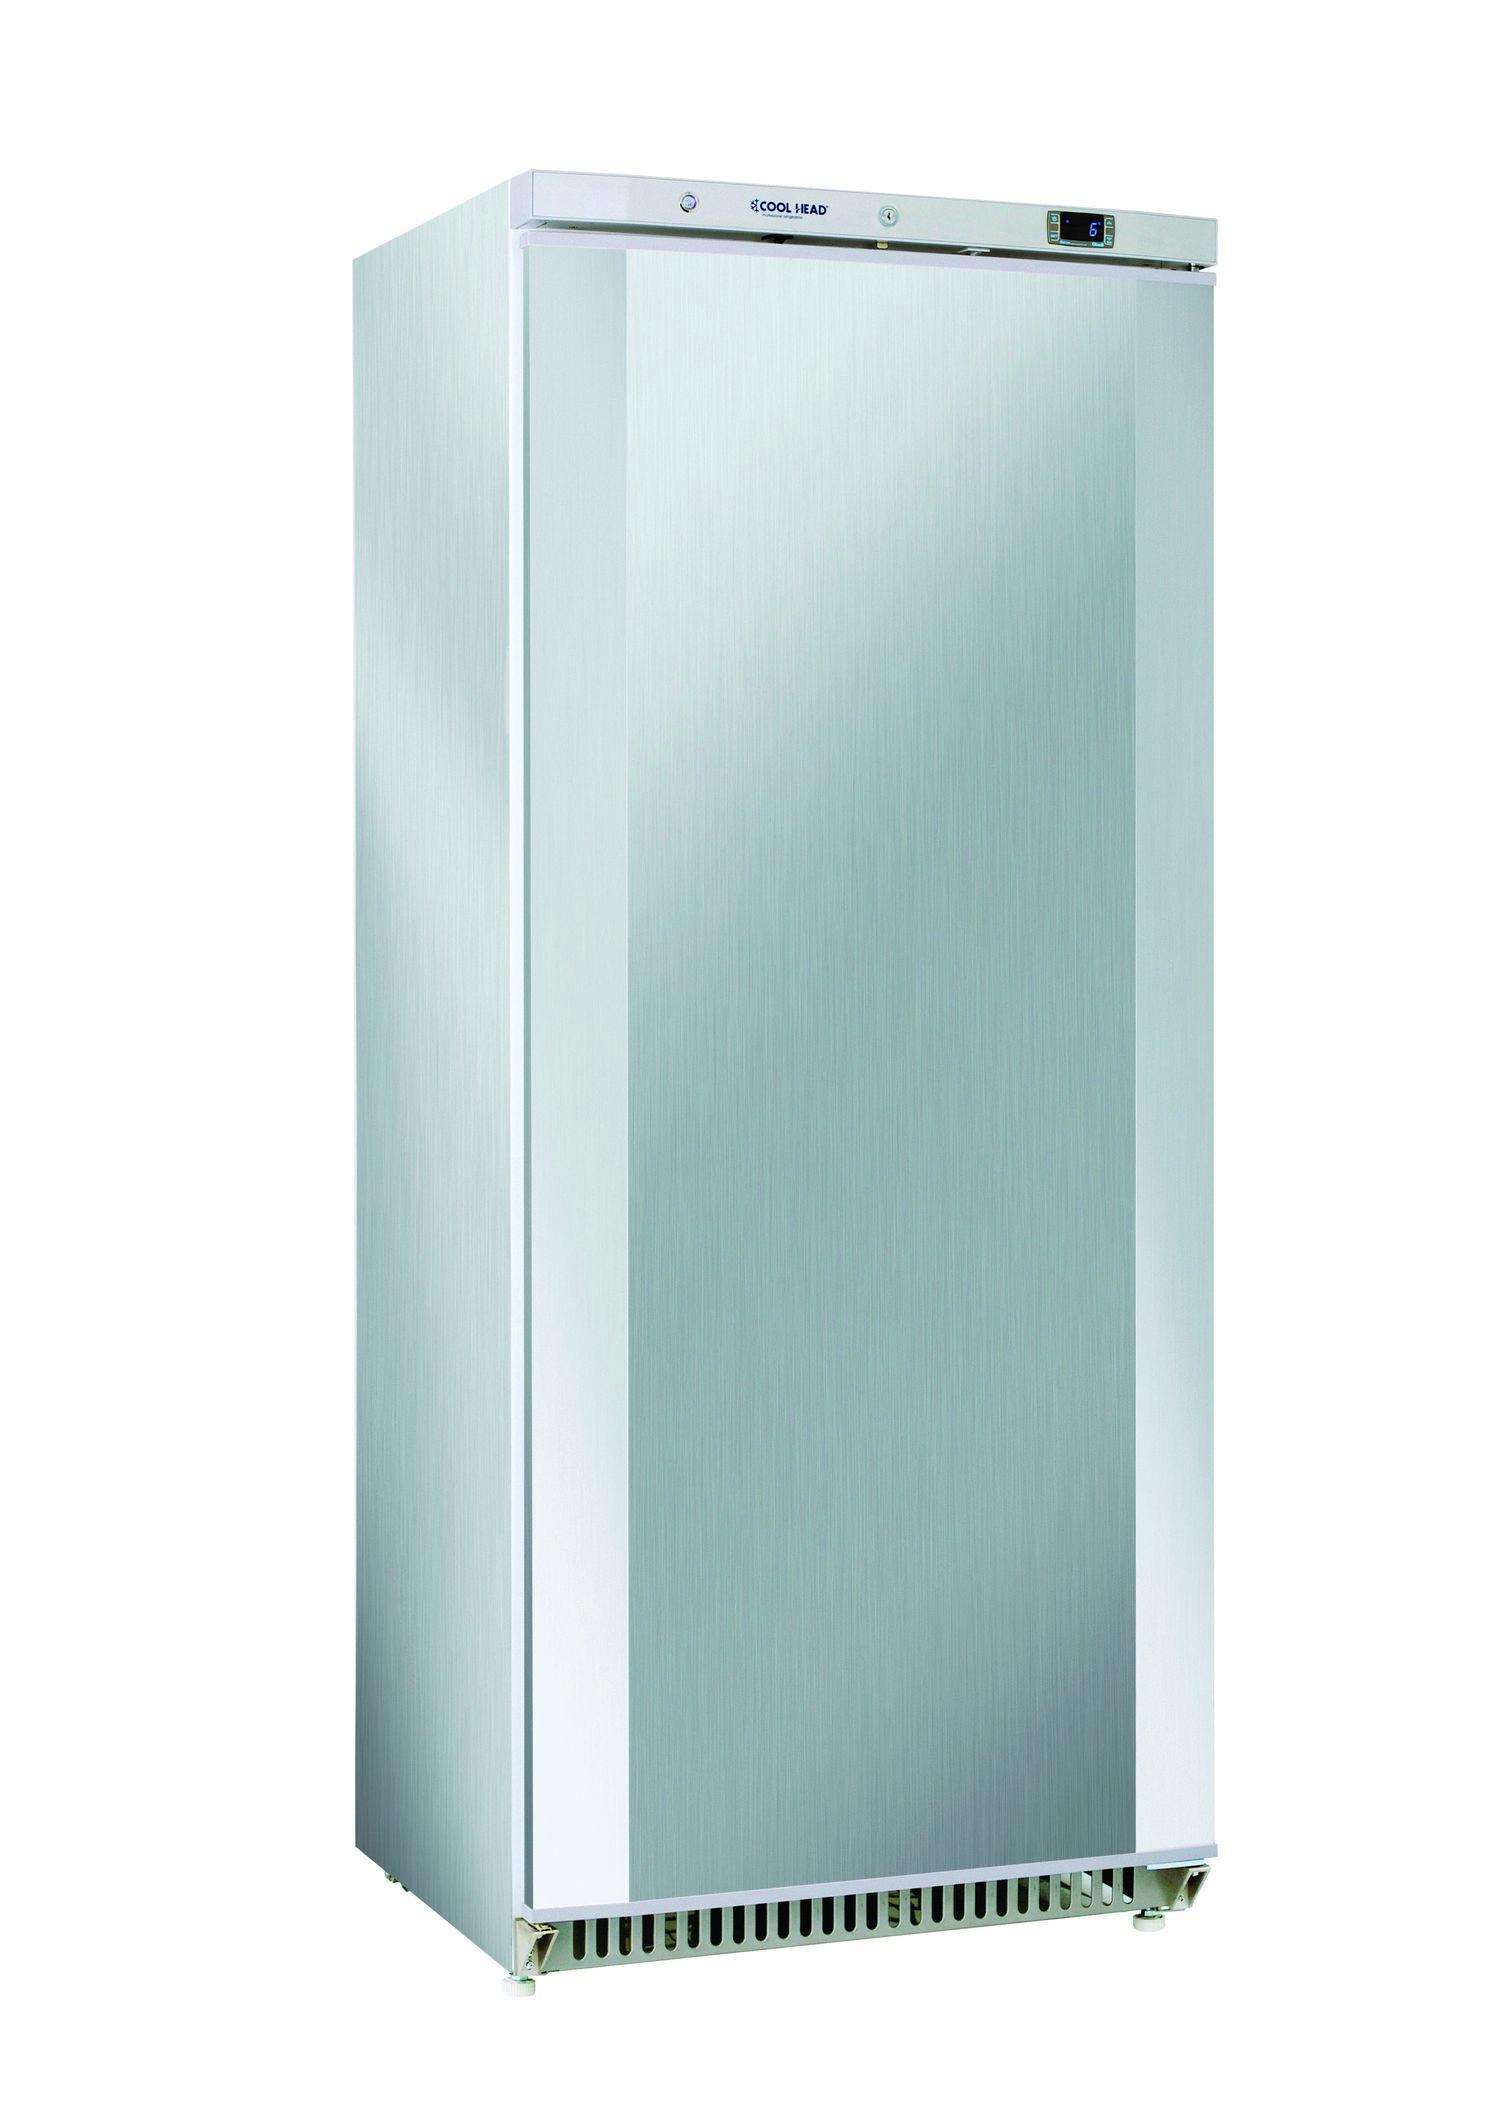 600 literes hűtő, ventilációs hűtéssel, teli ajtóval, rozsdamentes, 0/+8°C